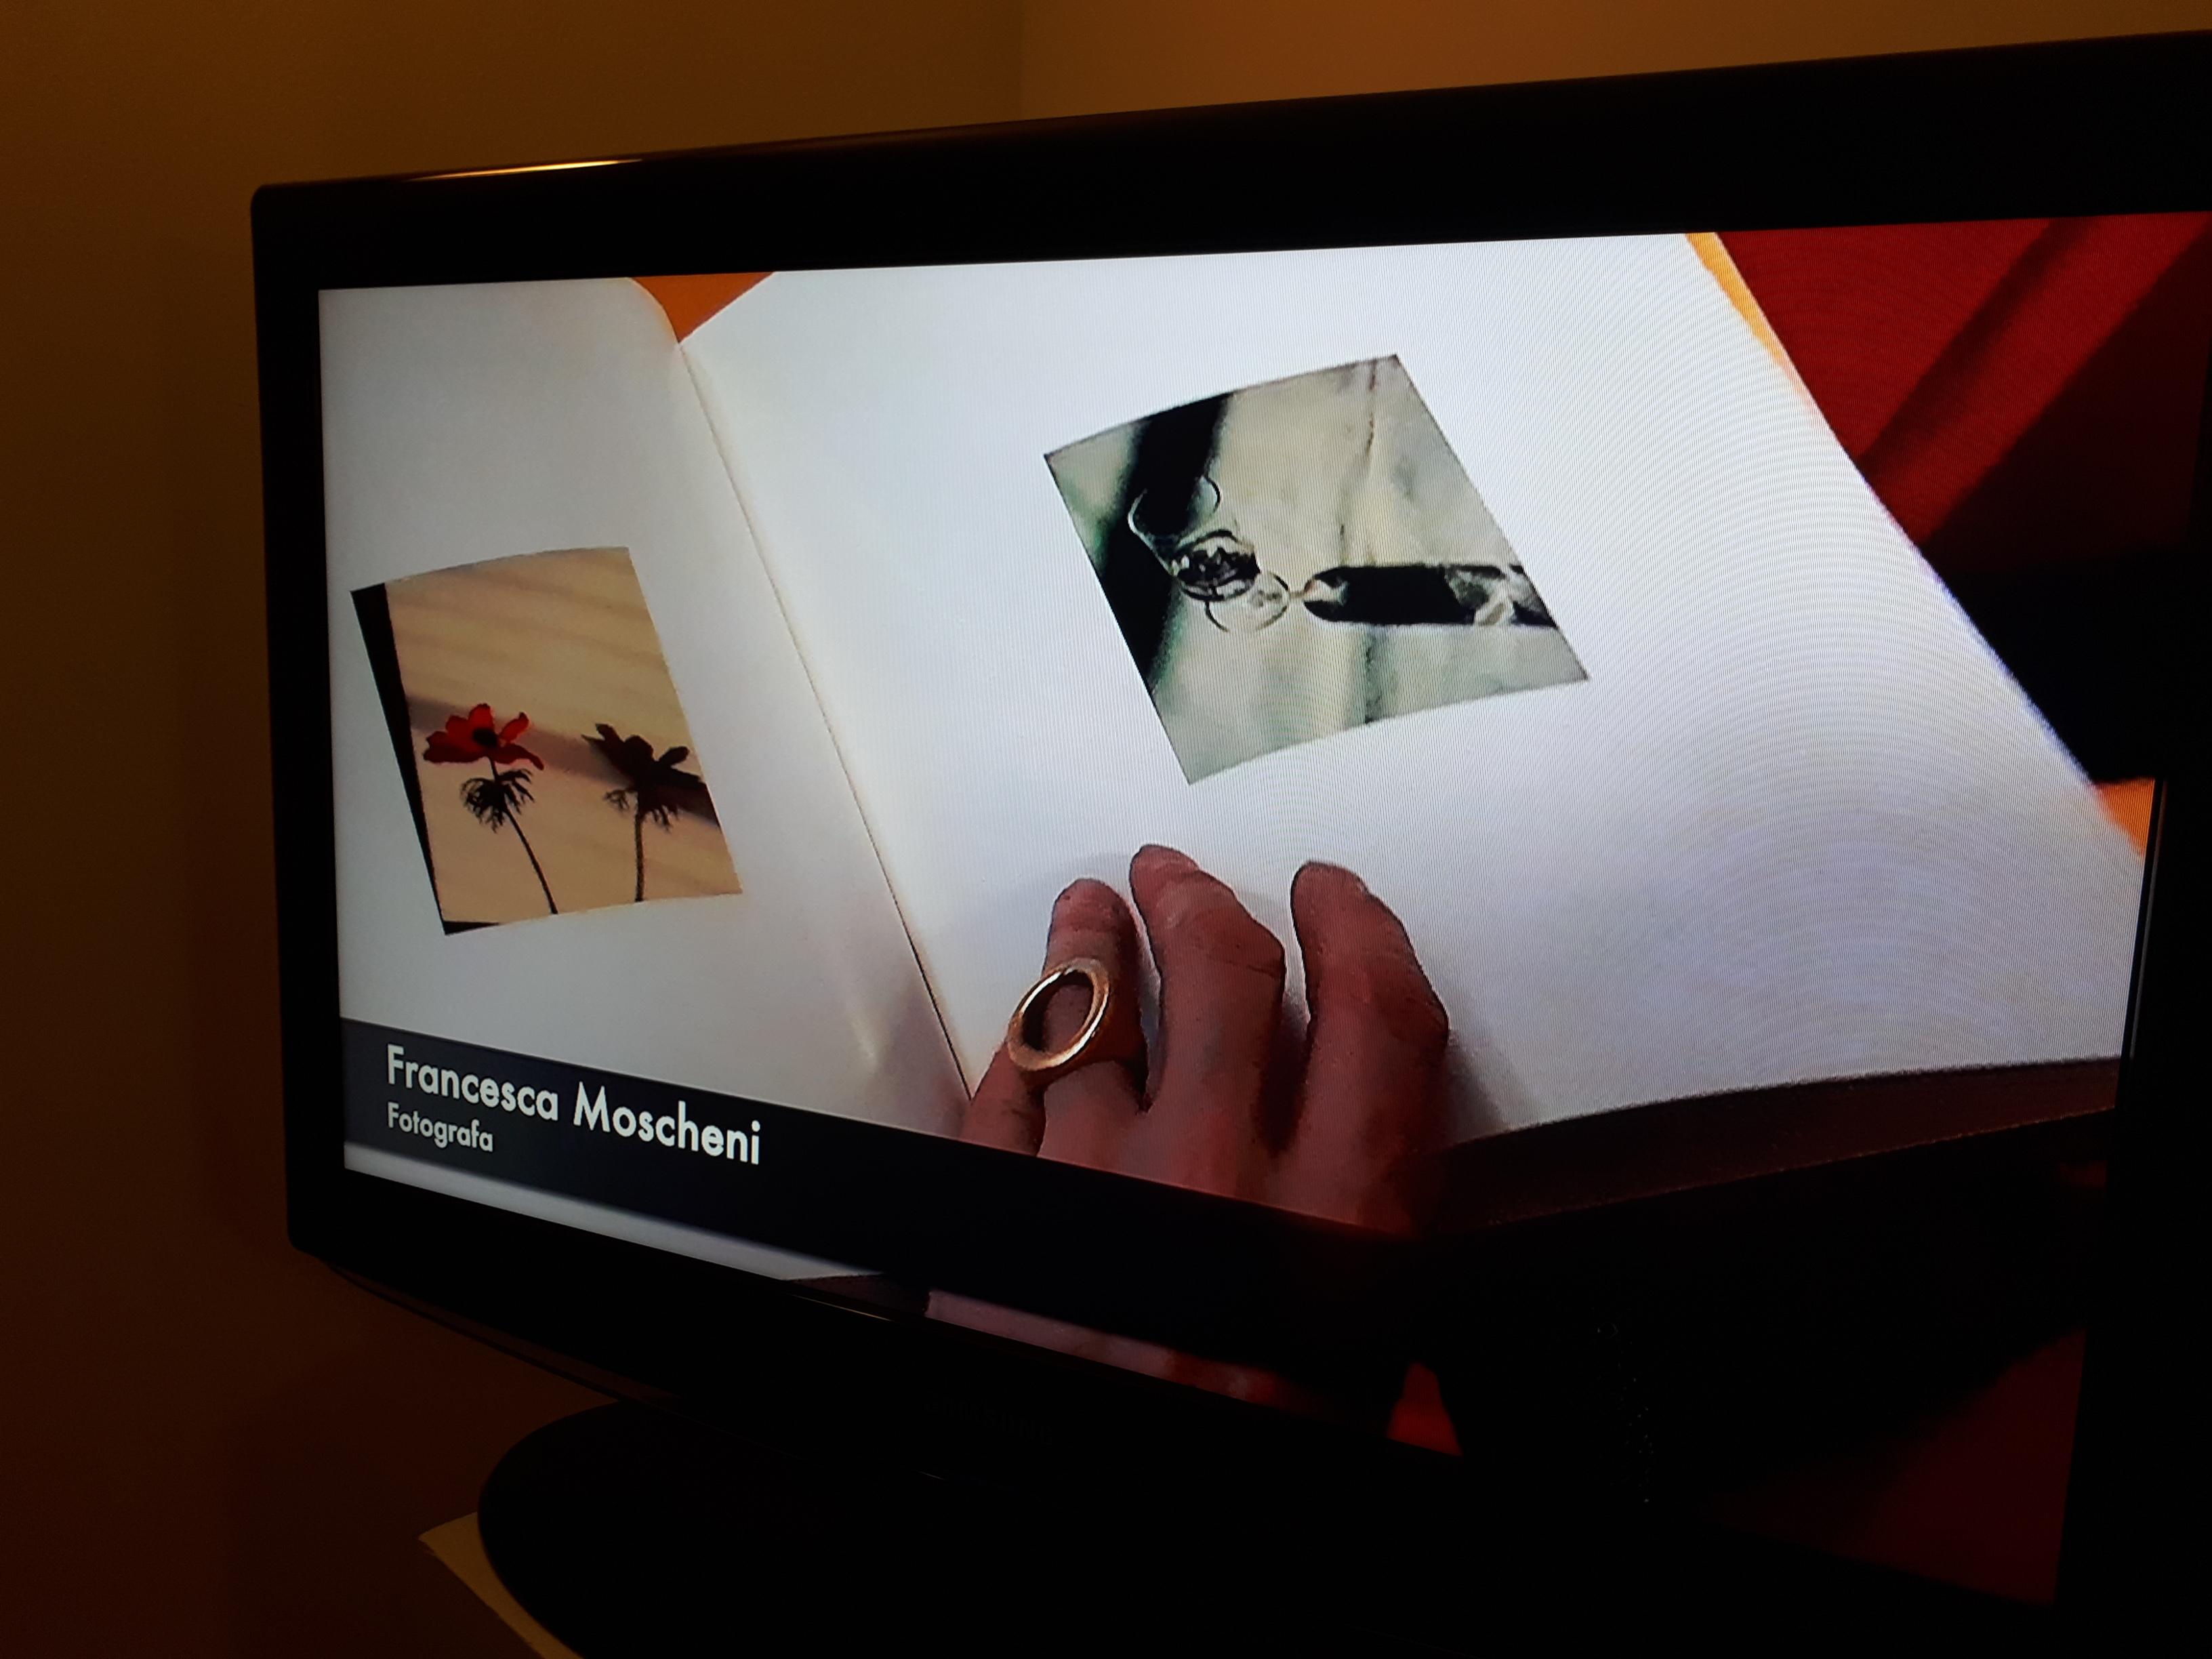 Moscheni libro video